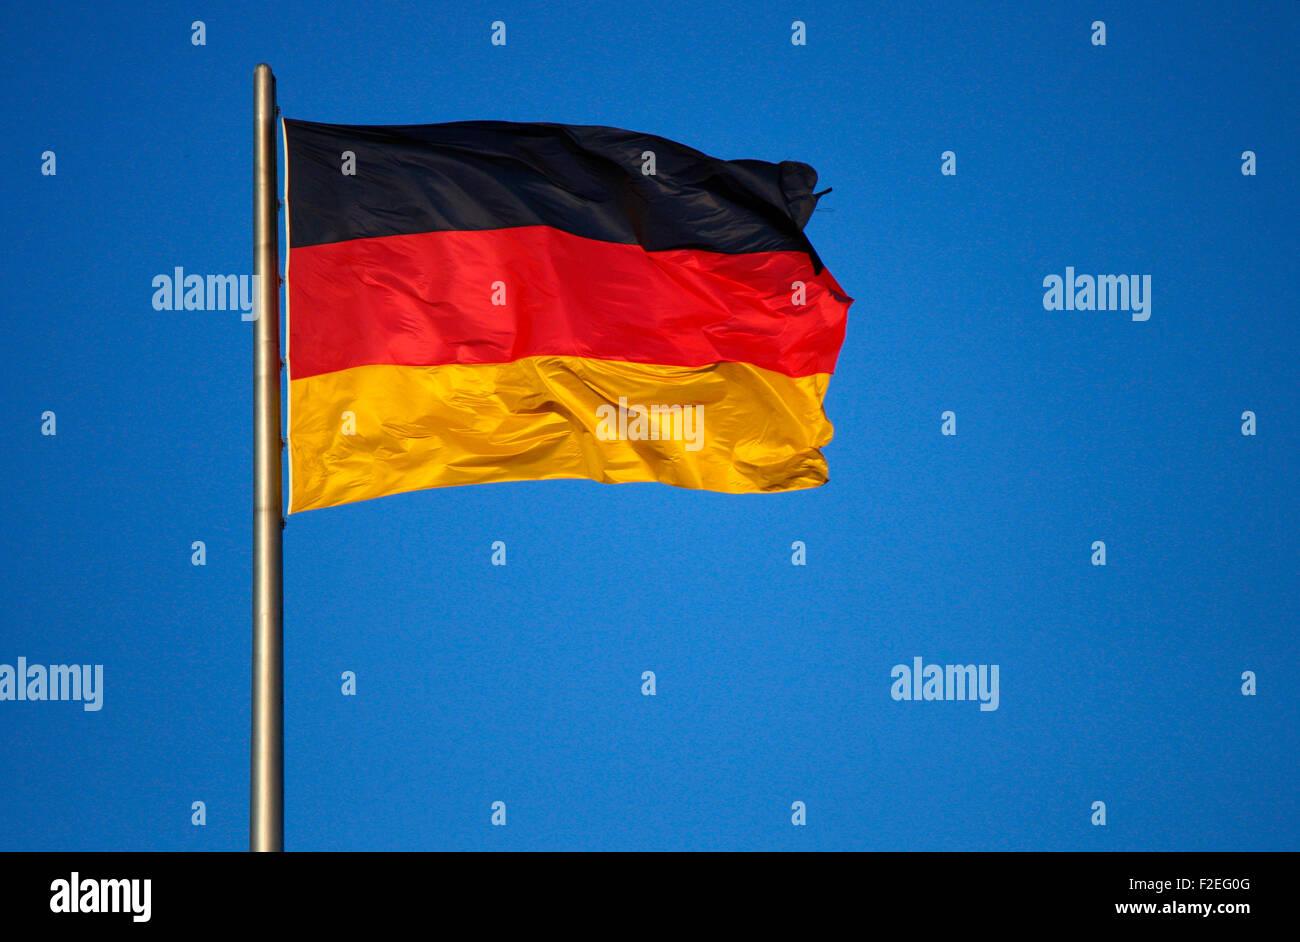 Deutschlandfahne, Berlin. - Stock Image